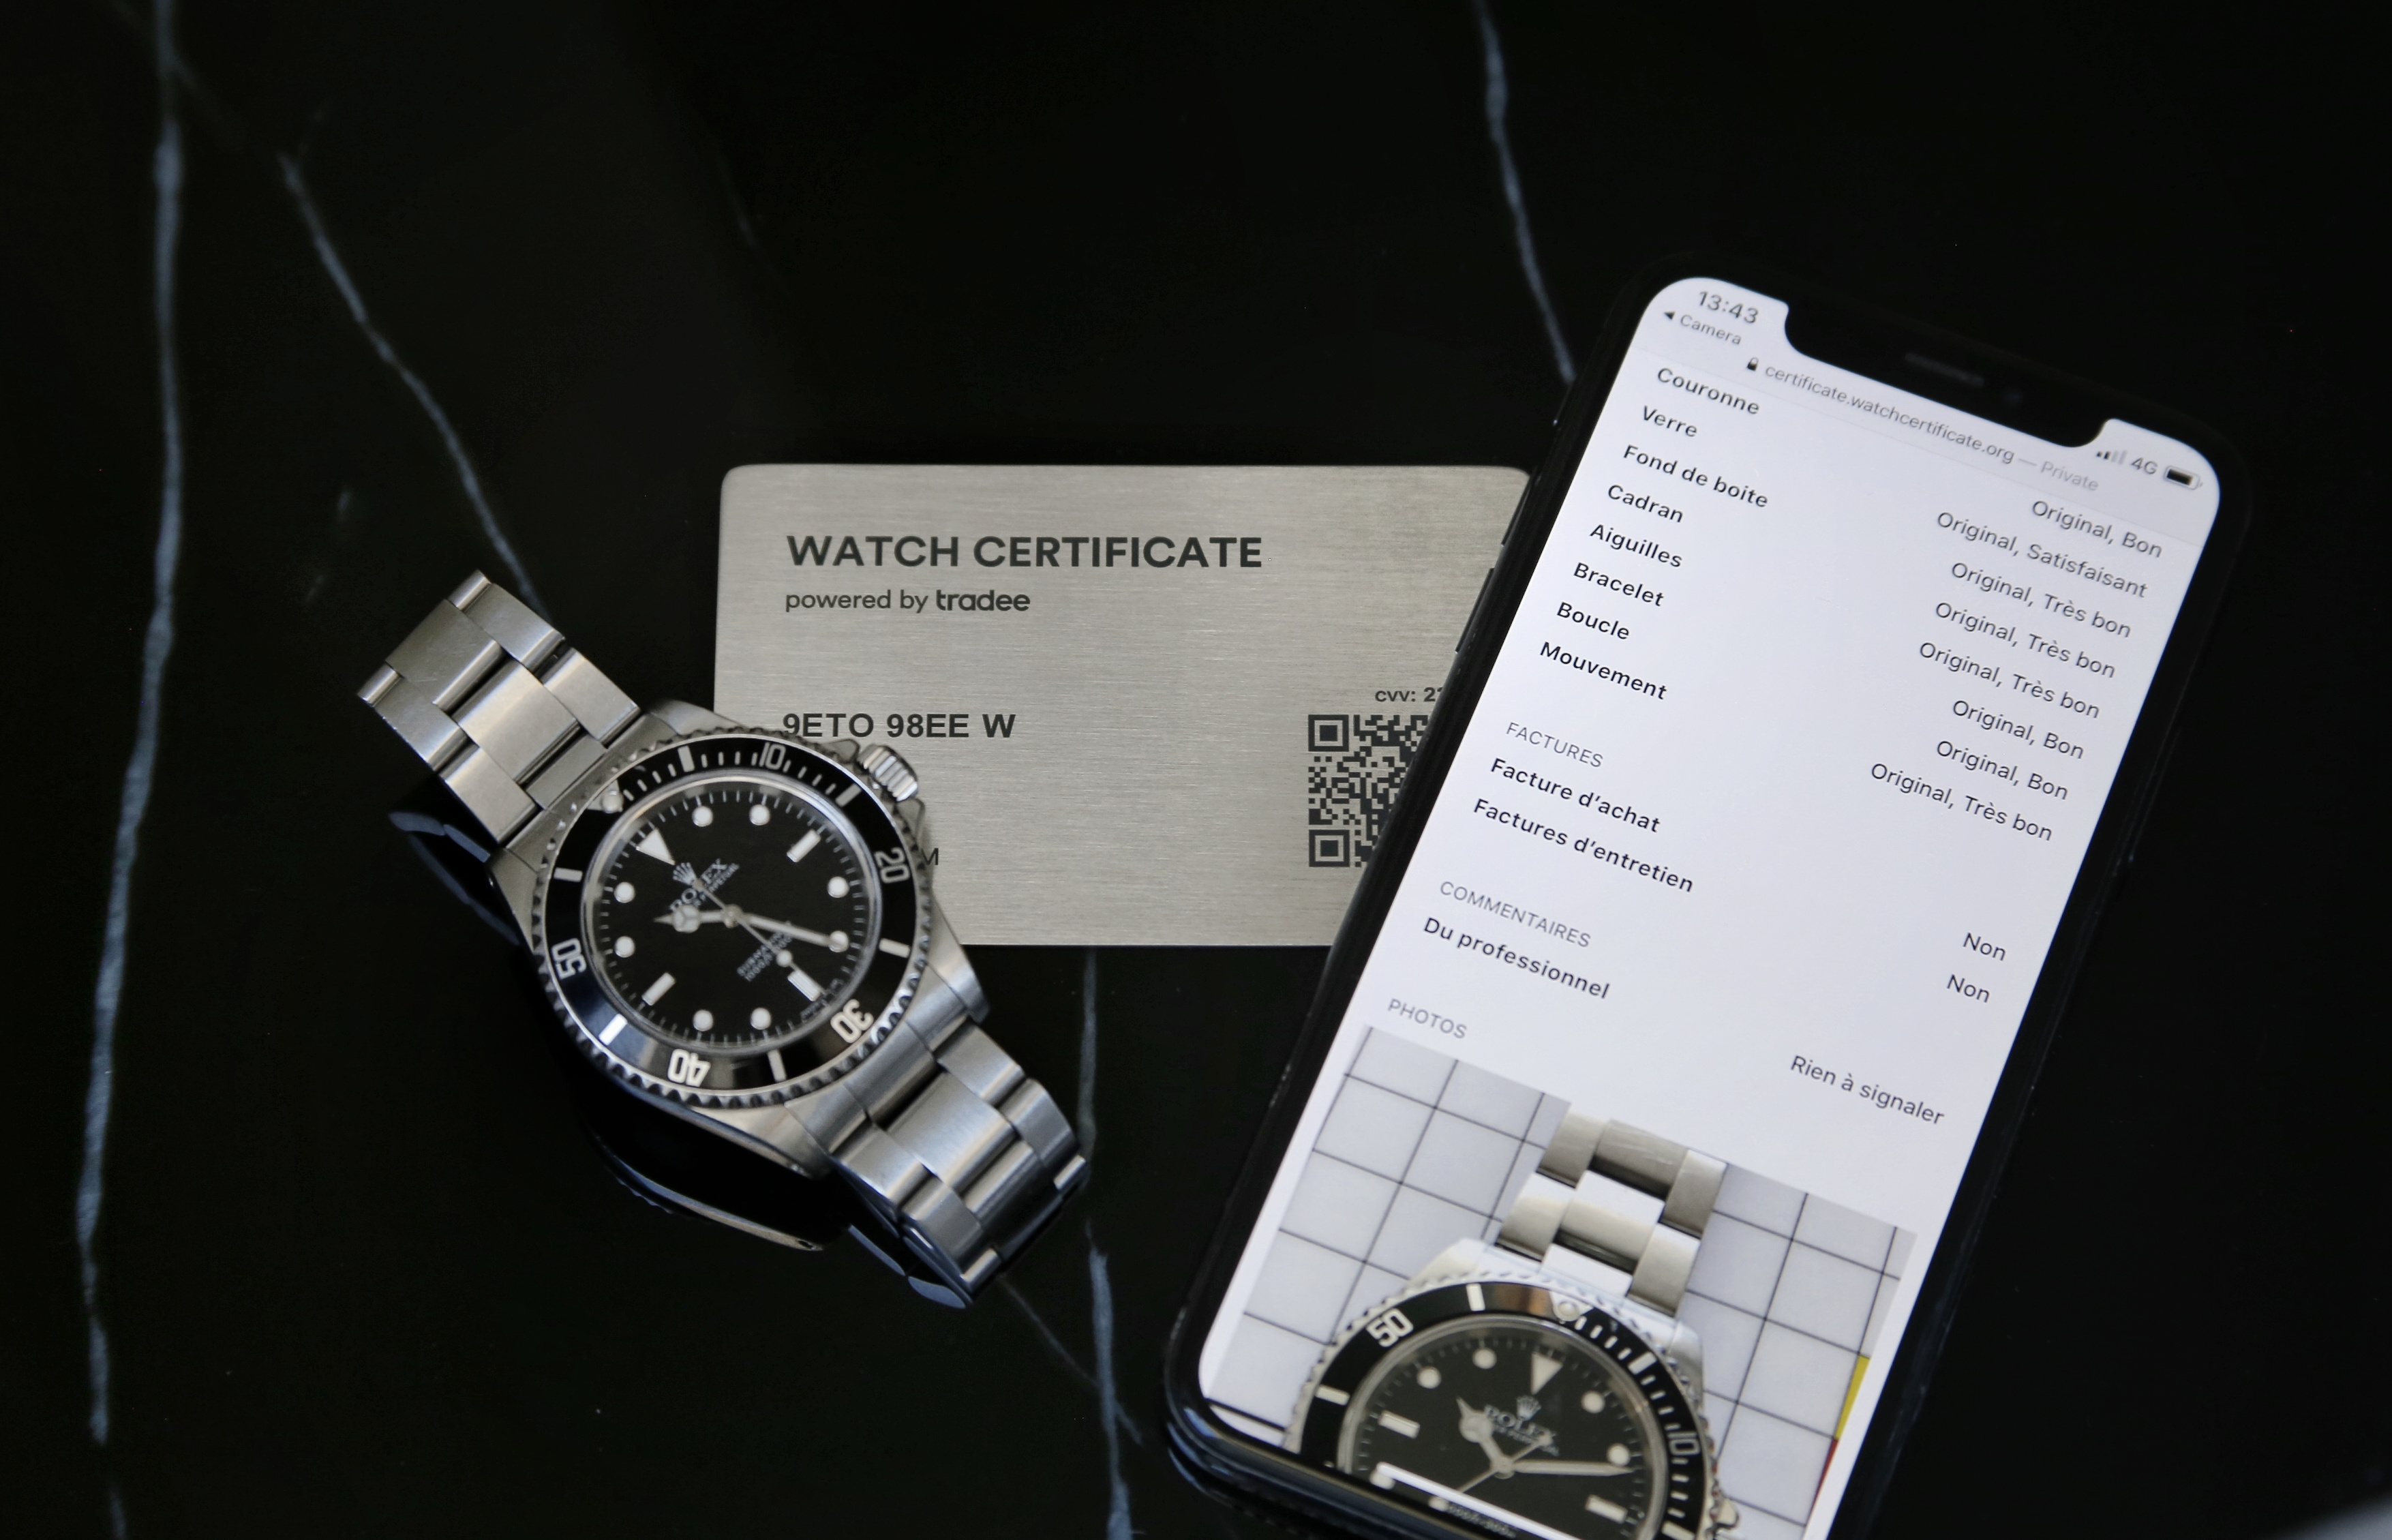 Rolex Submariner 14060 avec un Watch Certificate Steel et son double numérique sur smartphone